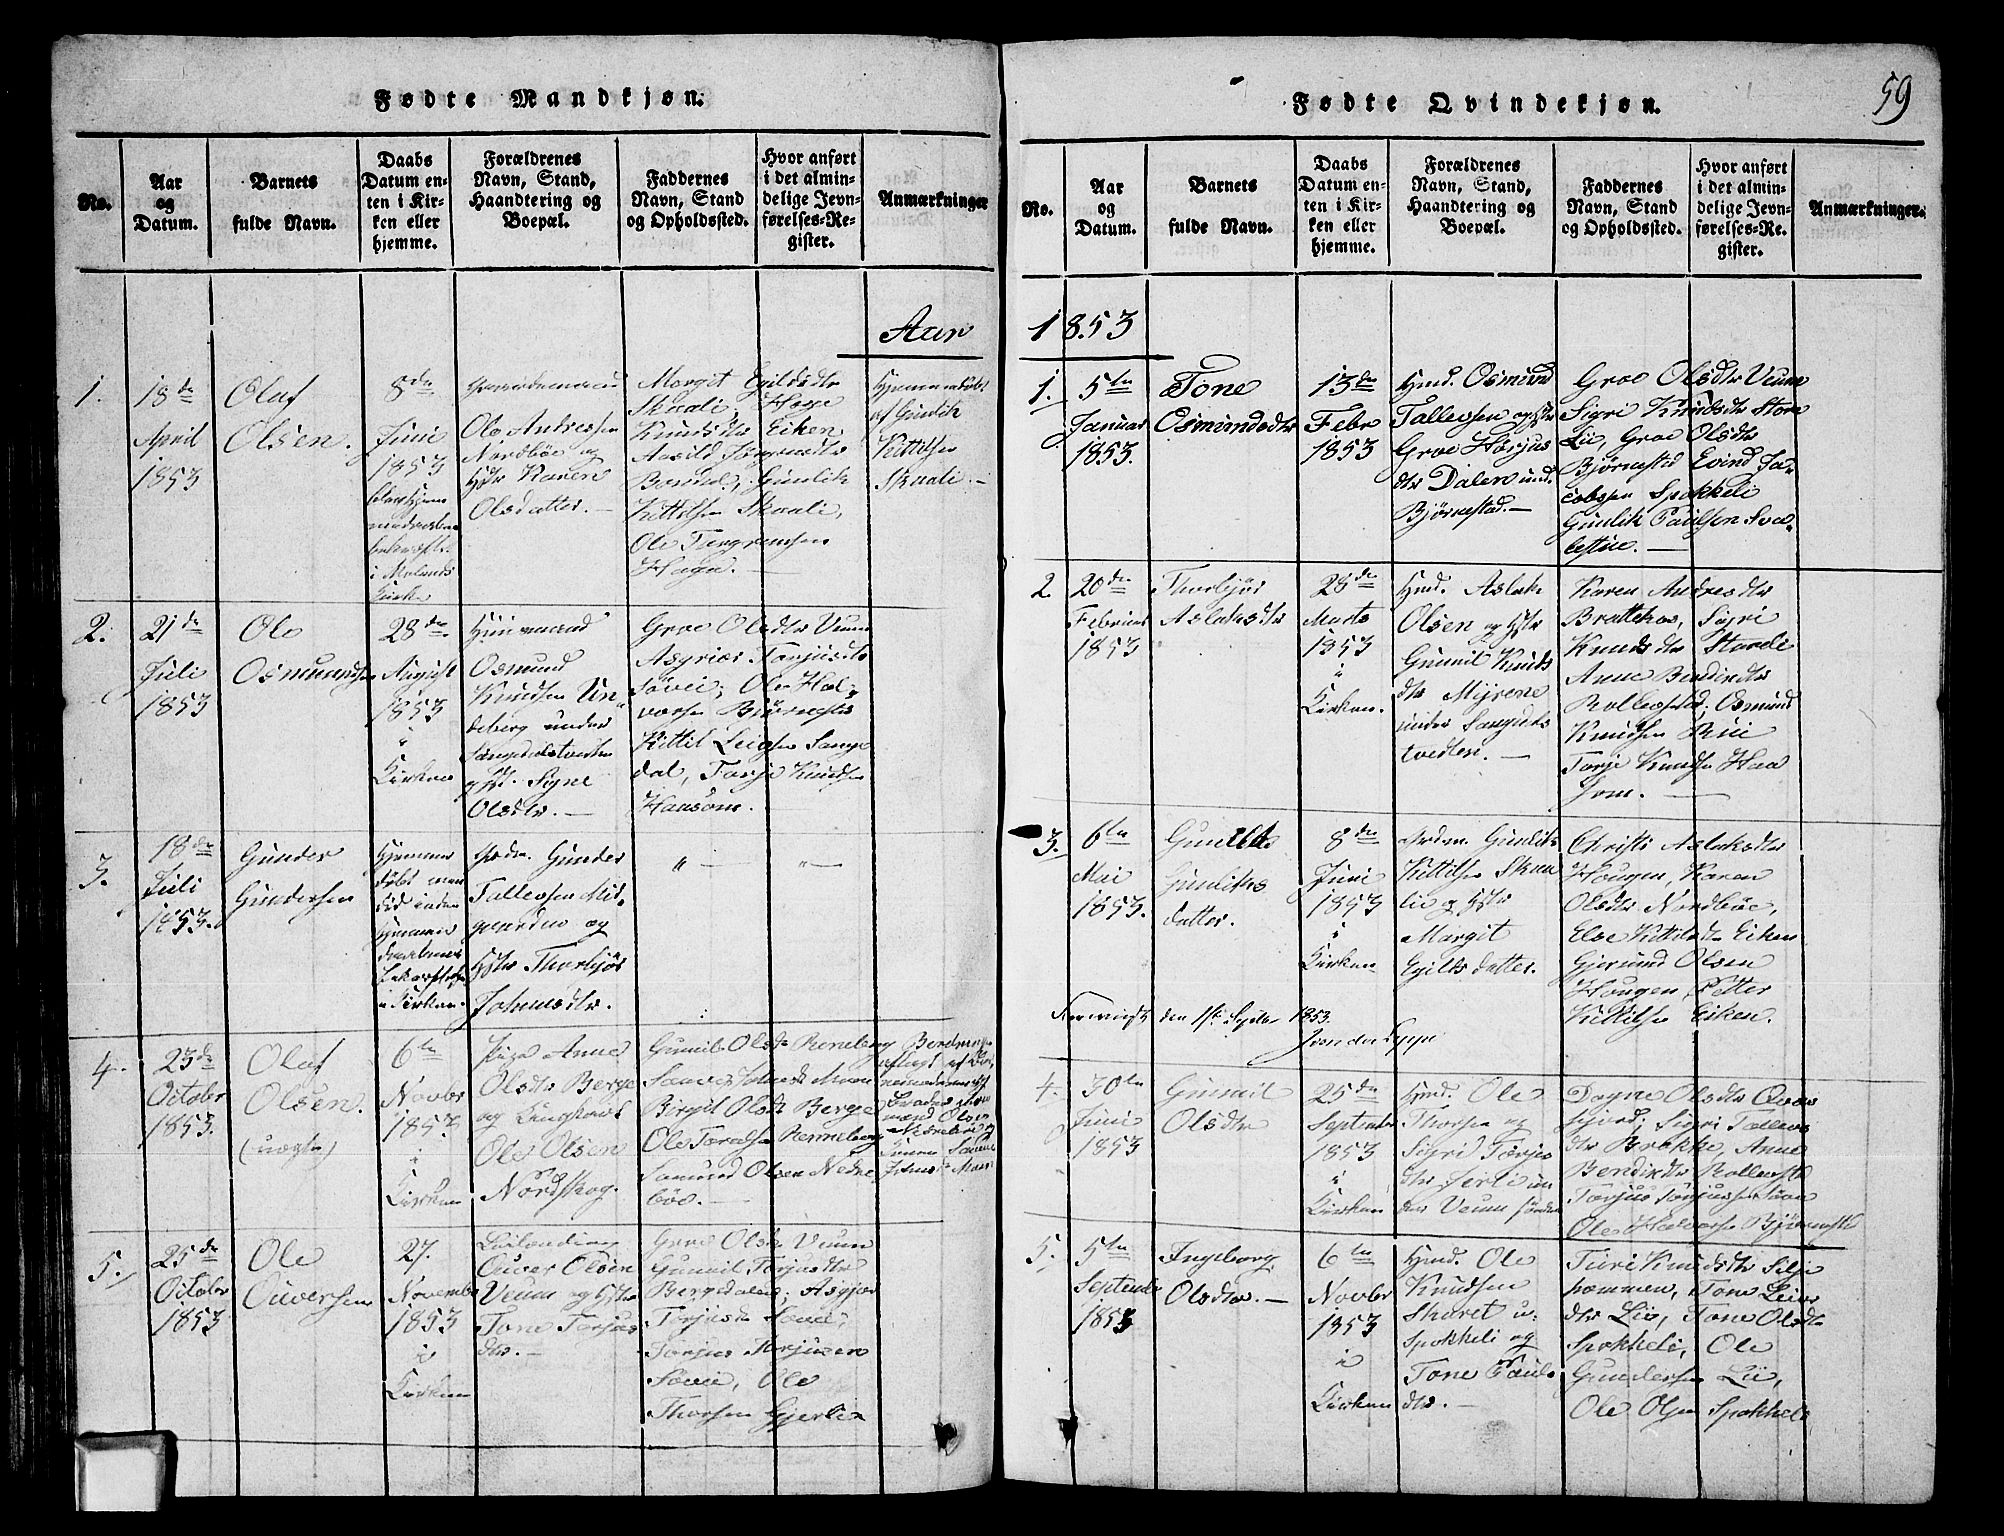 SAKO, Fyresdal kirkebøker, G/Ga/L0003: Klokkerbok nr. I 3, 1815-1863, s. 59